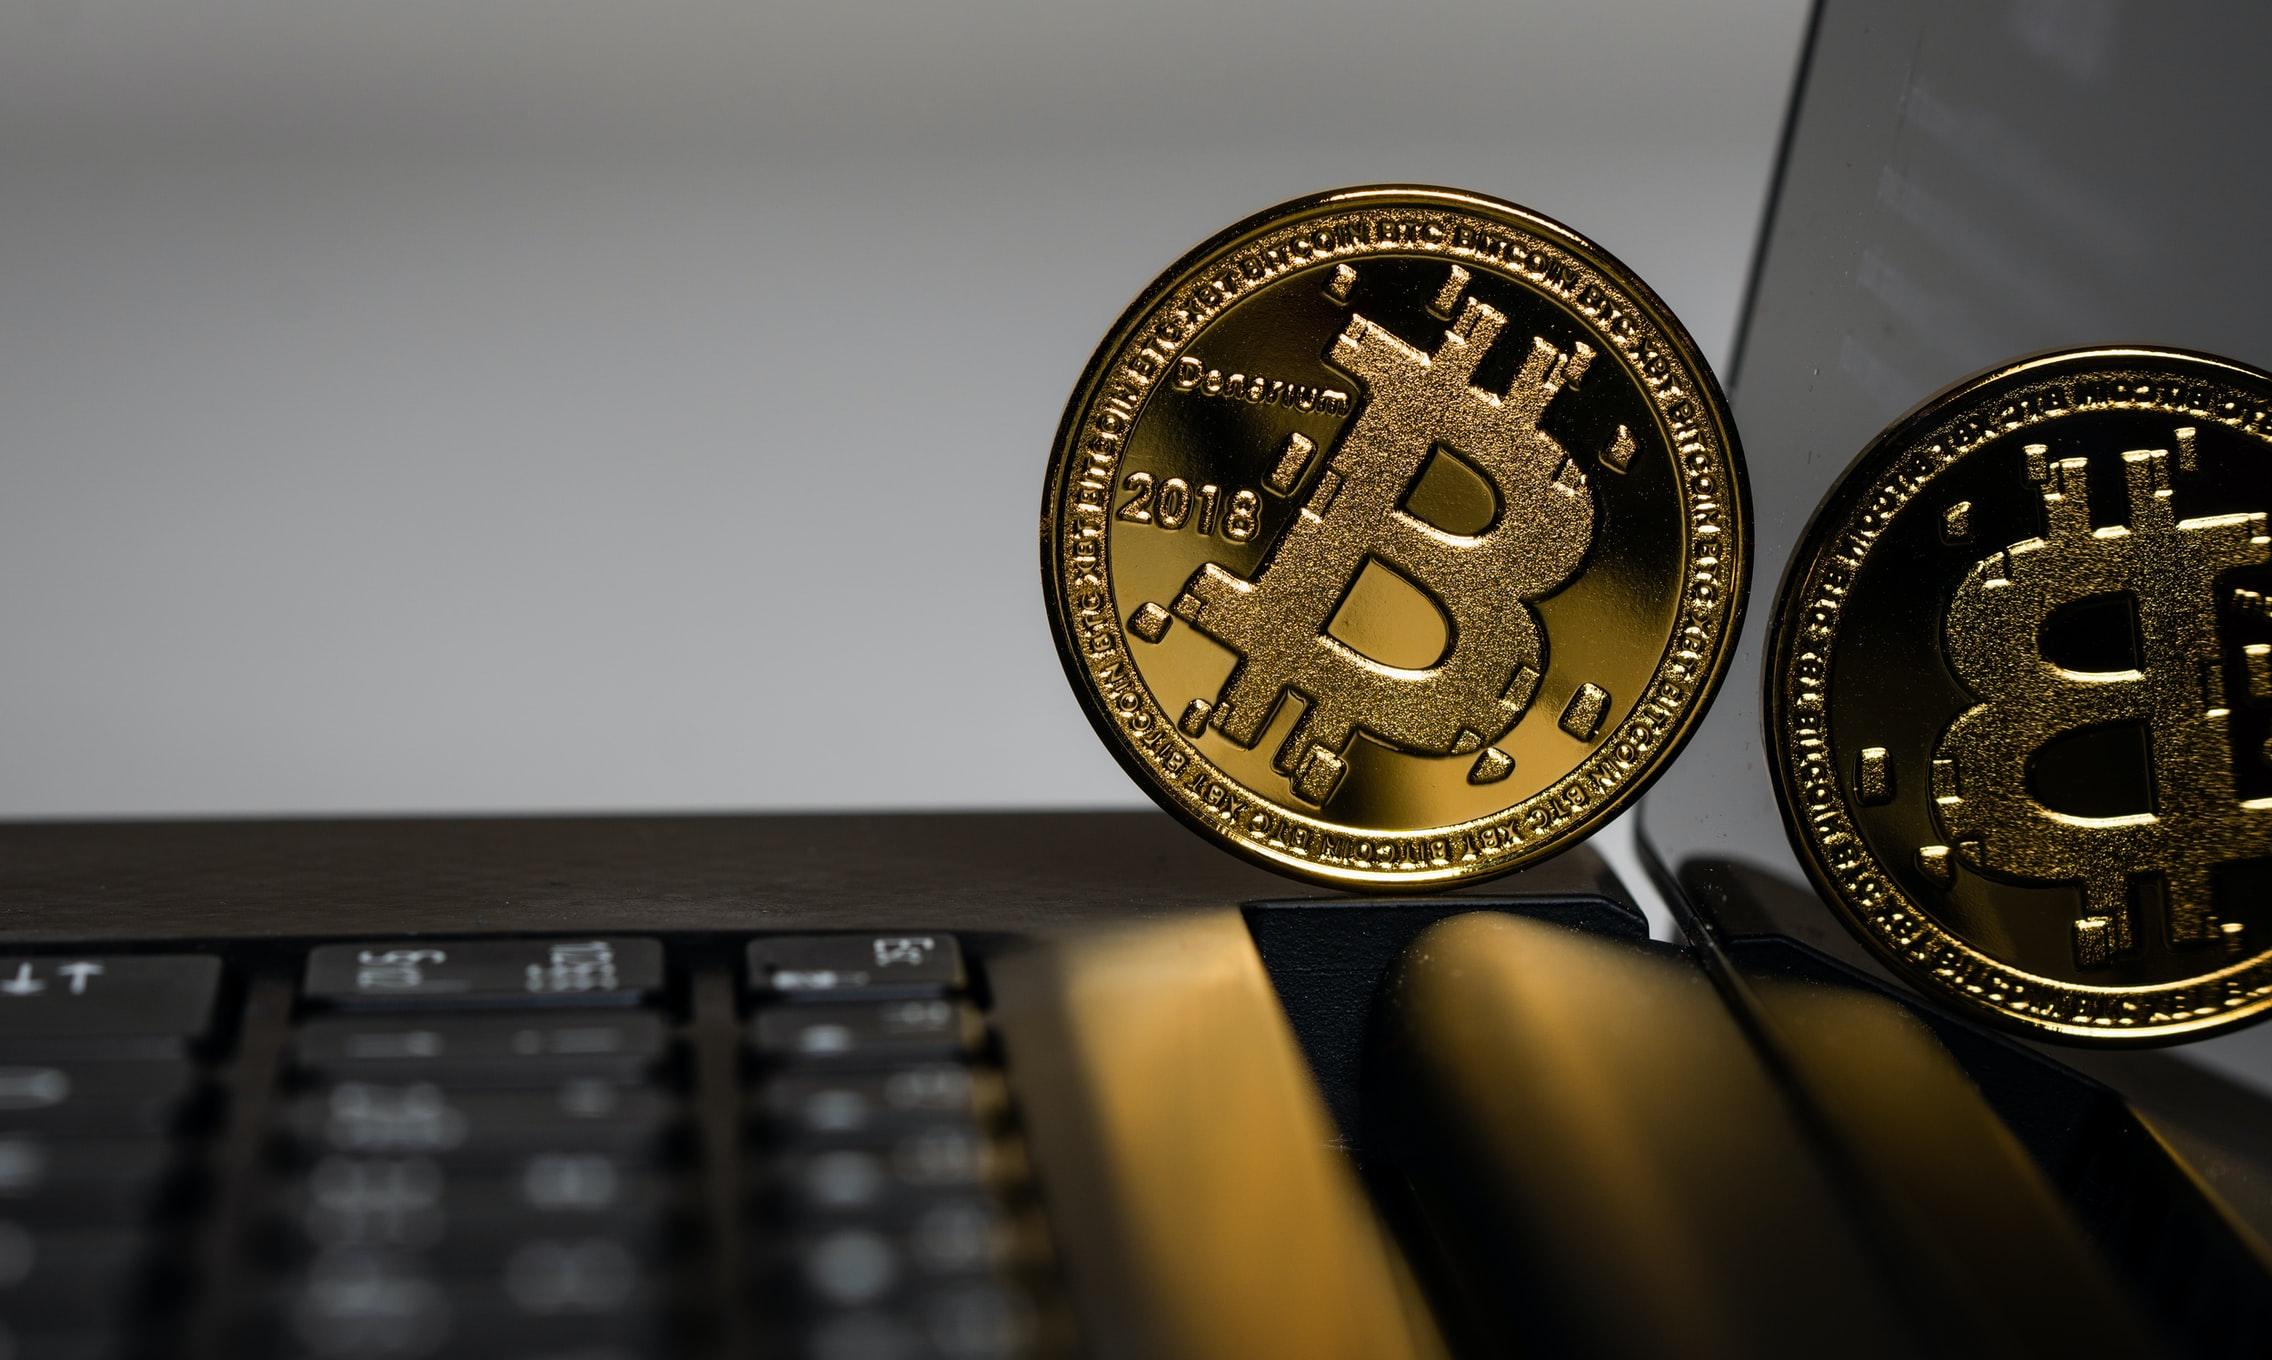 отследить украденную криптовалюту